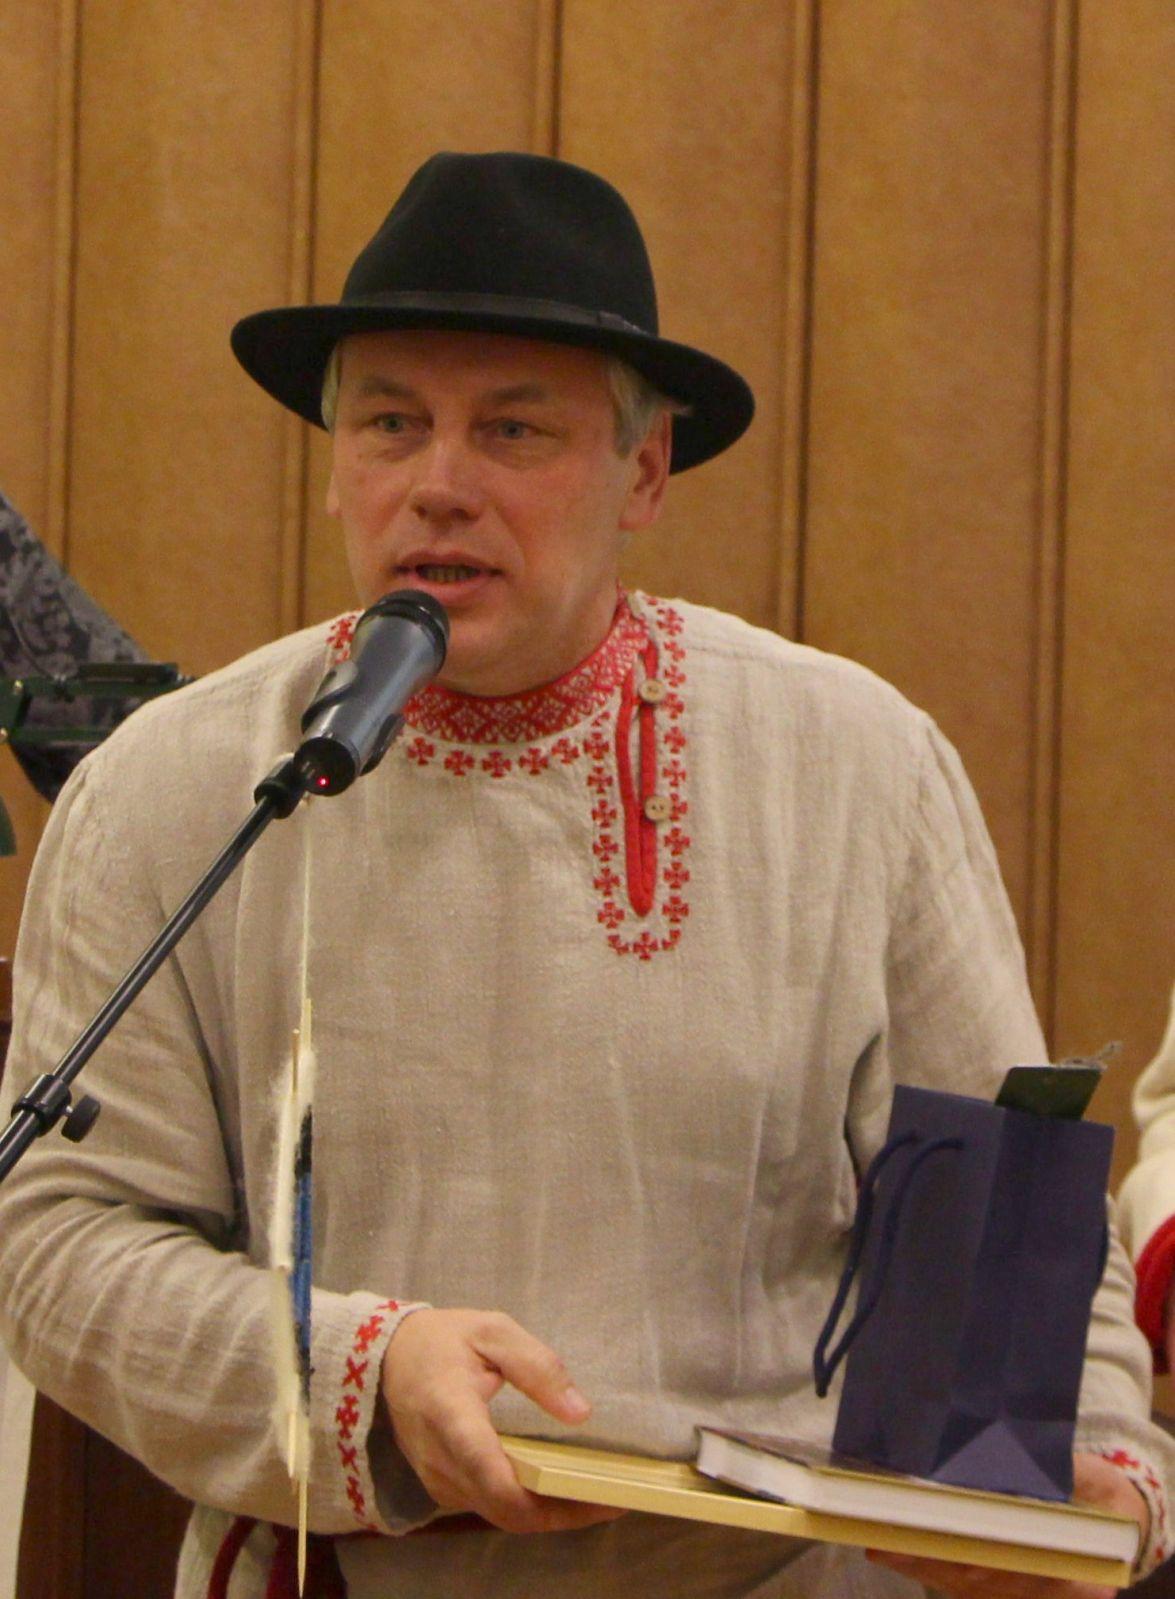 Setomaa ylemtsootska Arne Leima võtmas vastu Napi kylale antud tänukirja